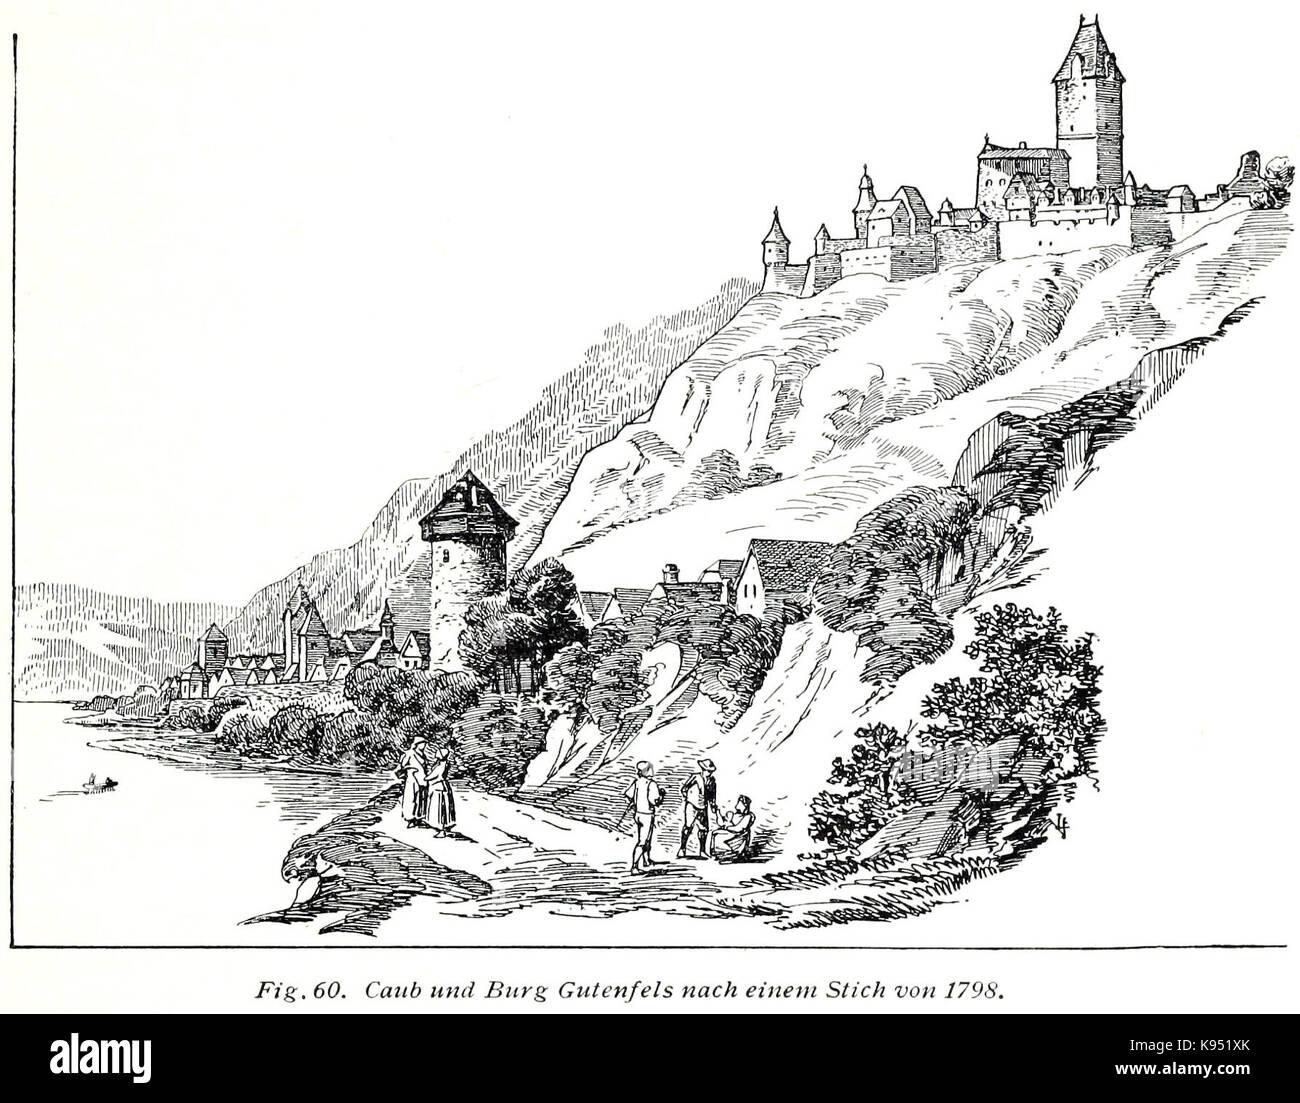 Luthmer V 60 Kaub und Burg Gutenfels nach einem Stich von 1798 Stockbild